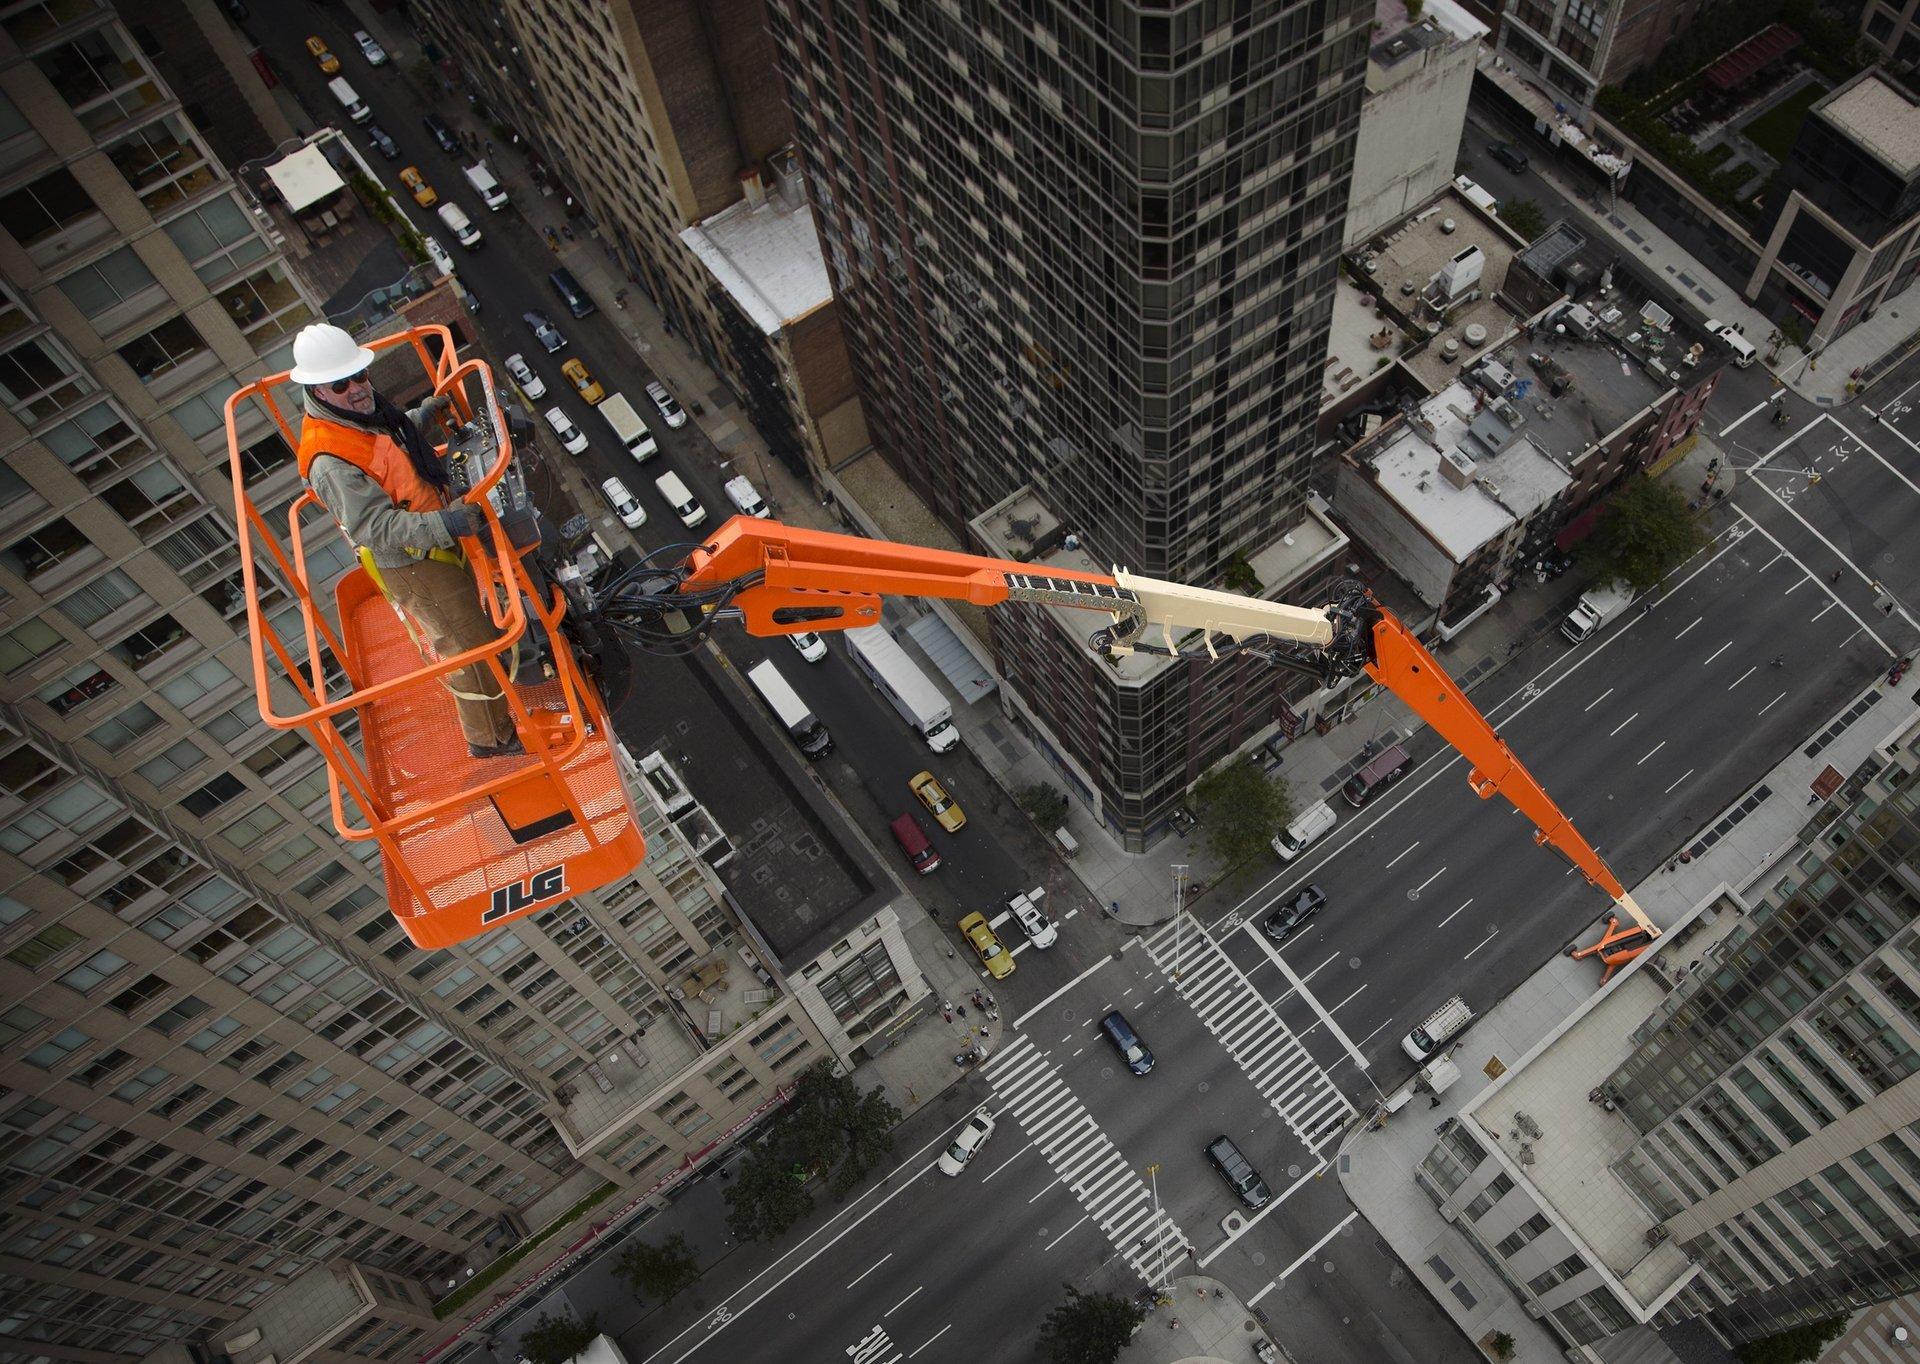 JLG 1850SJ Boom Lift